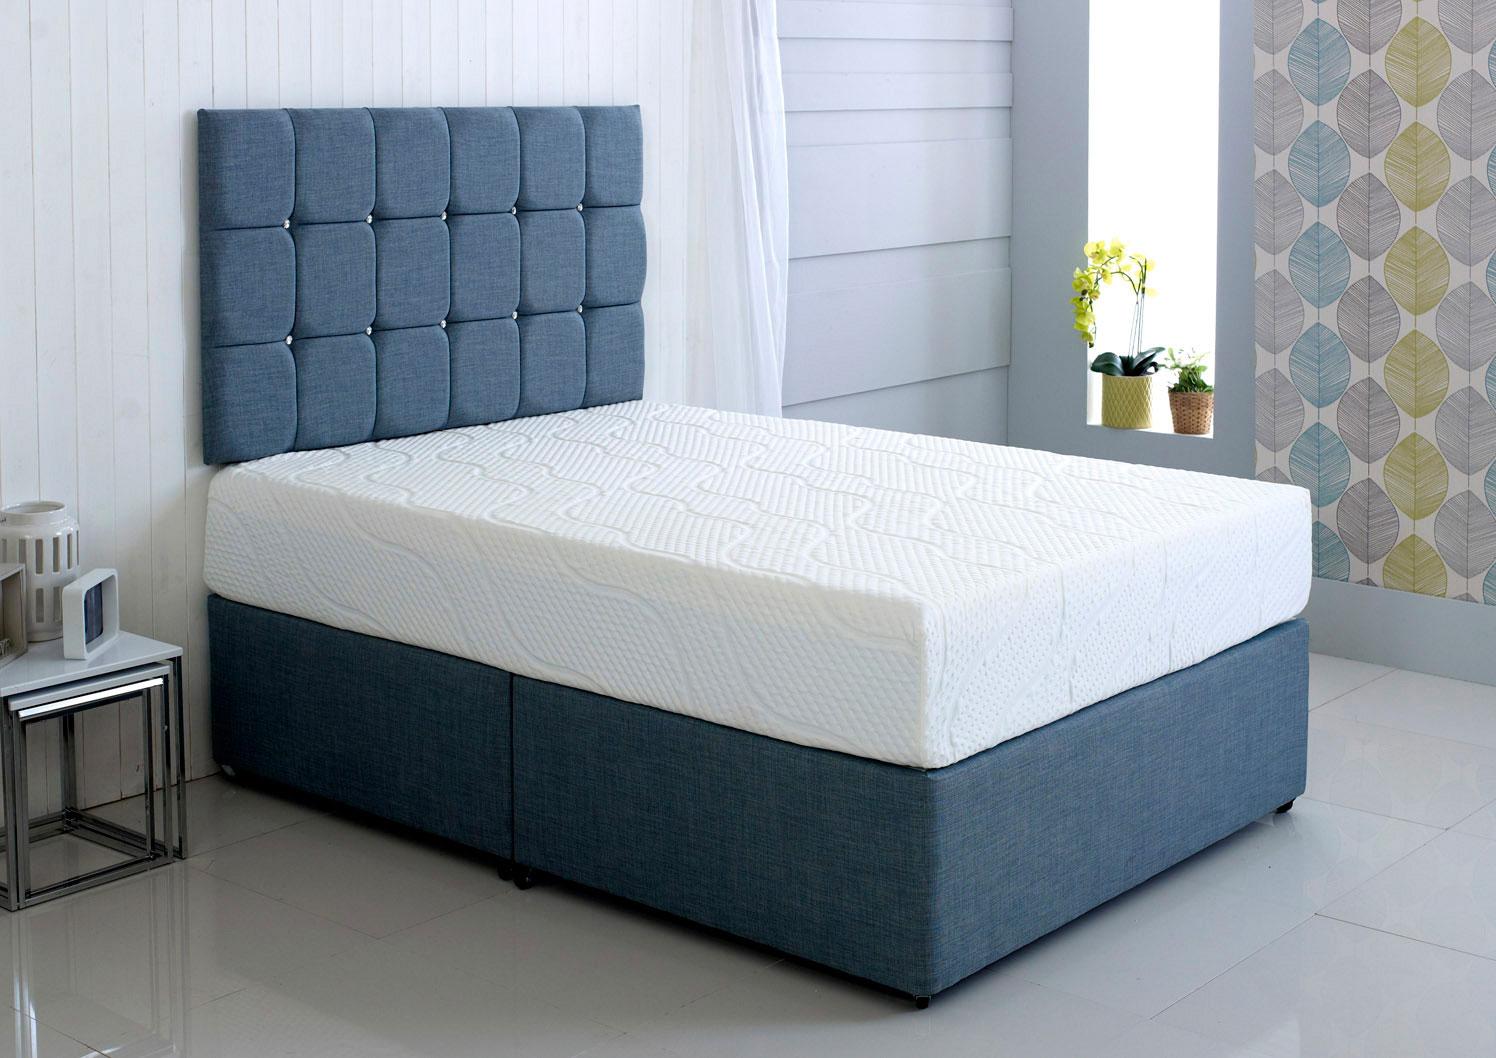 Kayflex Hybrid Cool Blue Memory Foam Mattress Best Beds